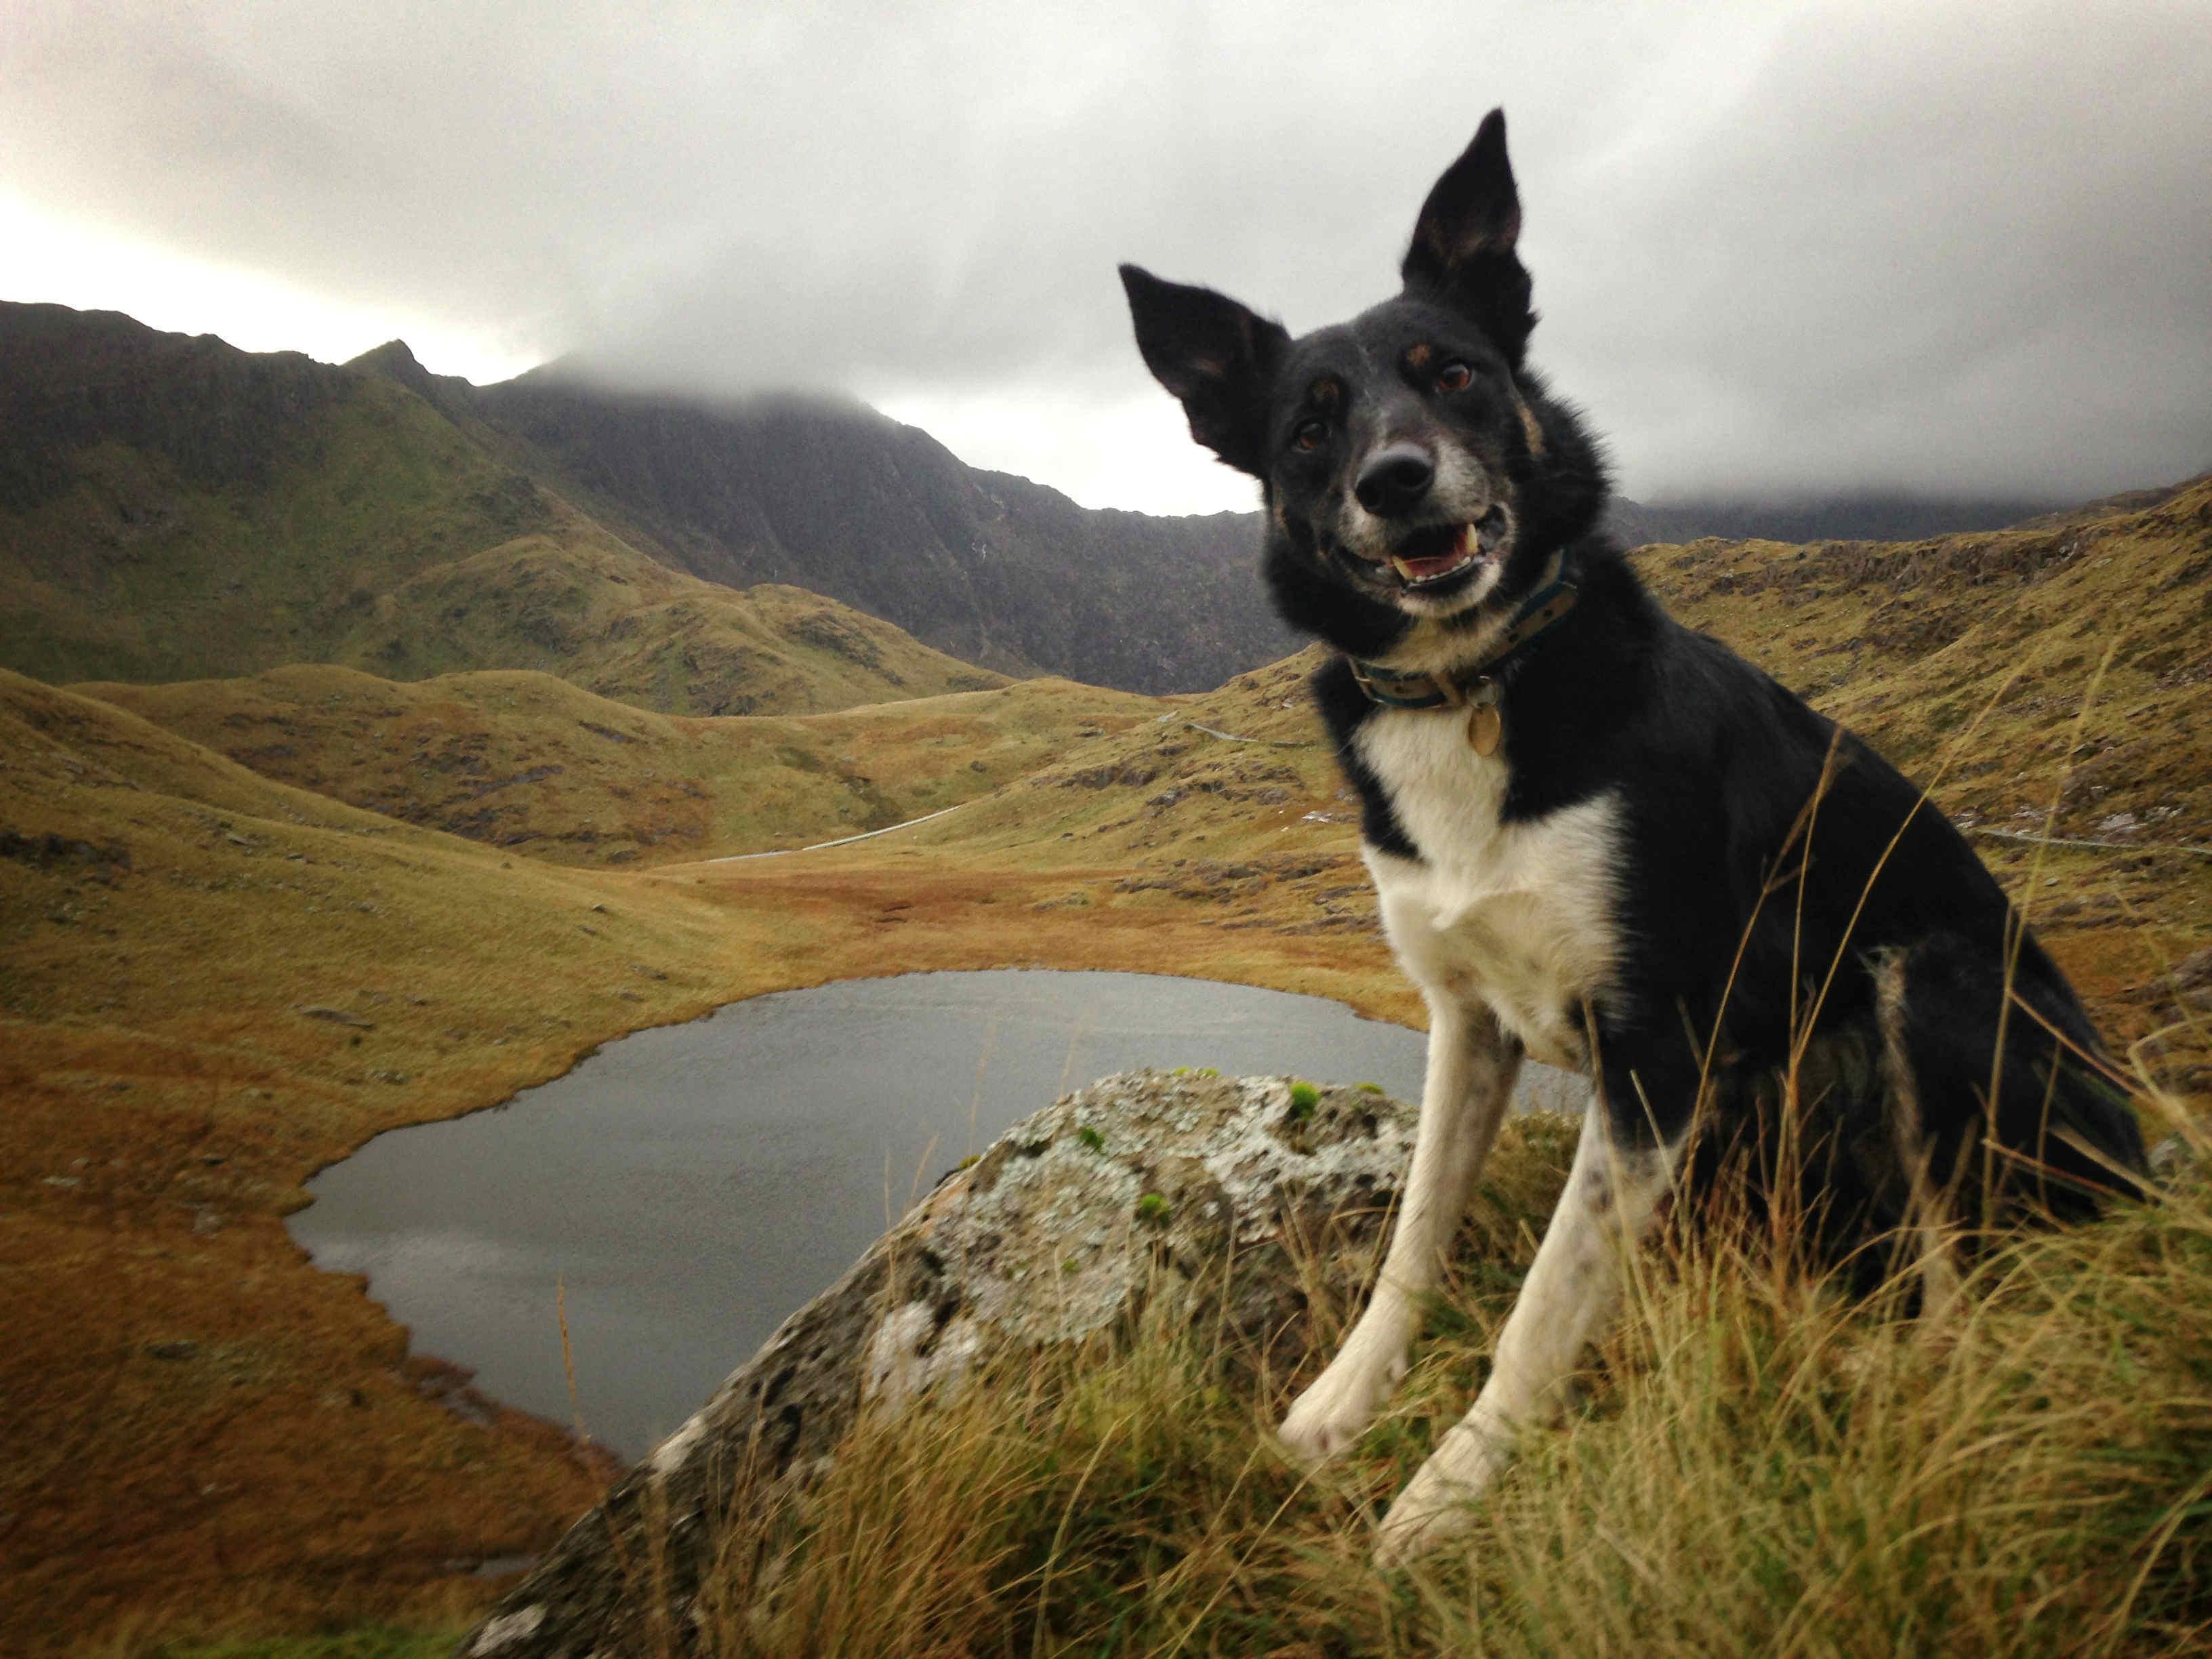 Kipi in Snowdonia